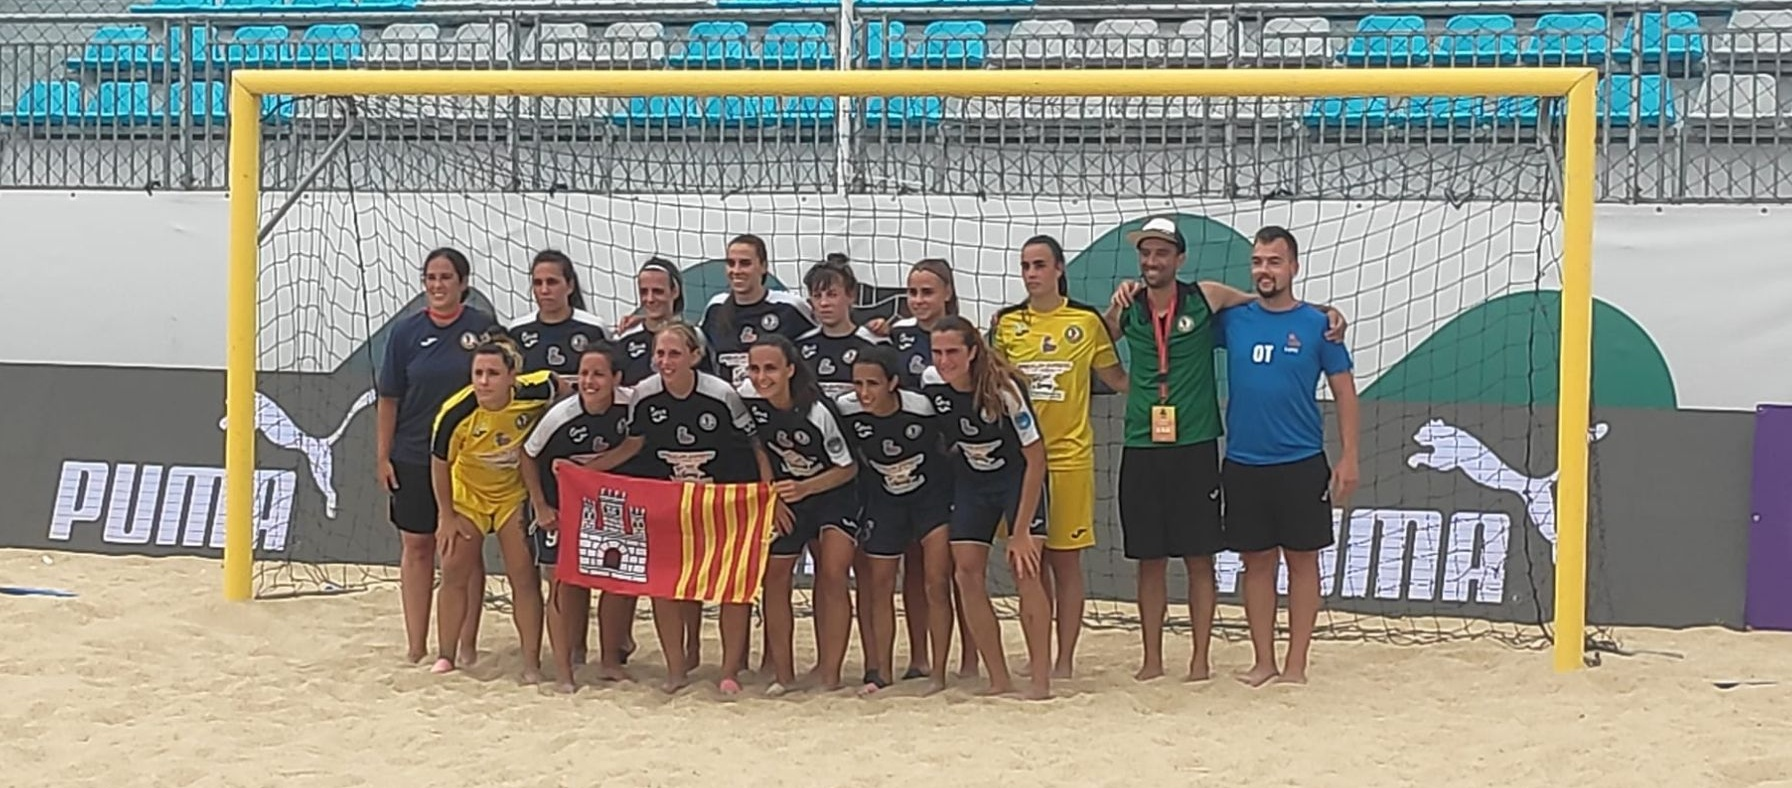 L'EF Bonaire de futbol platja guanya el bronze a la Euro Winners Cup